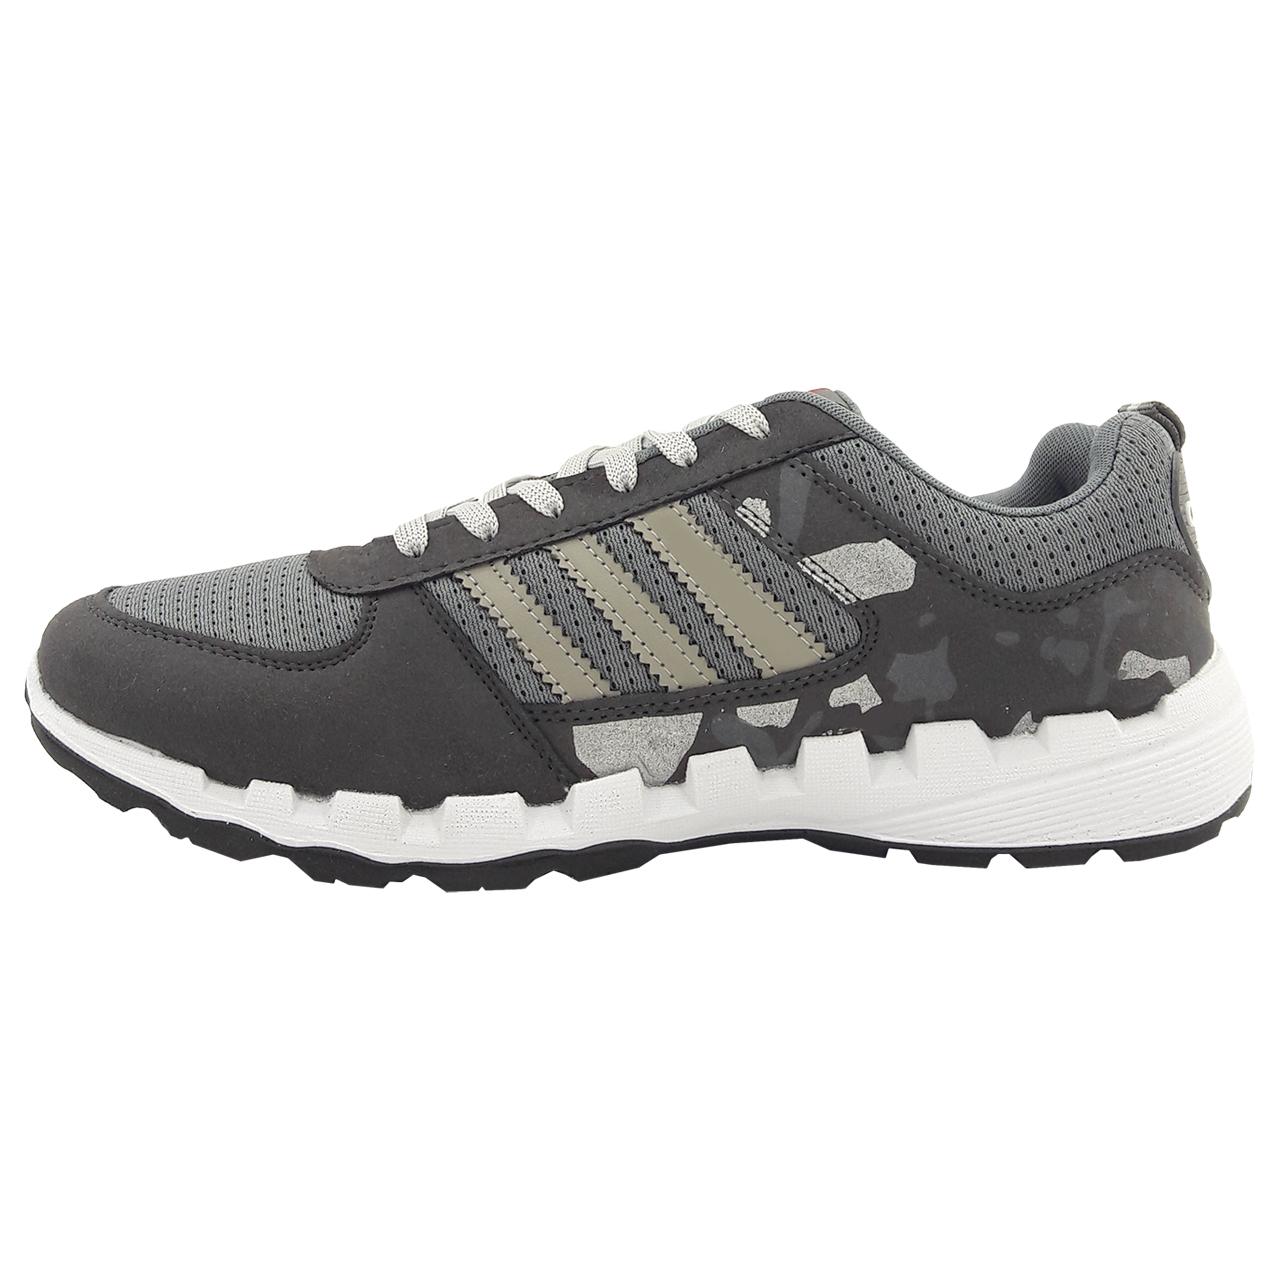 کفش راحتی مردانه ایده آل مدل Army gry01